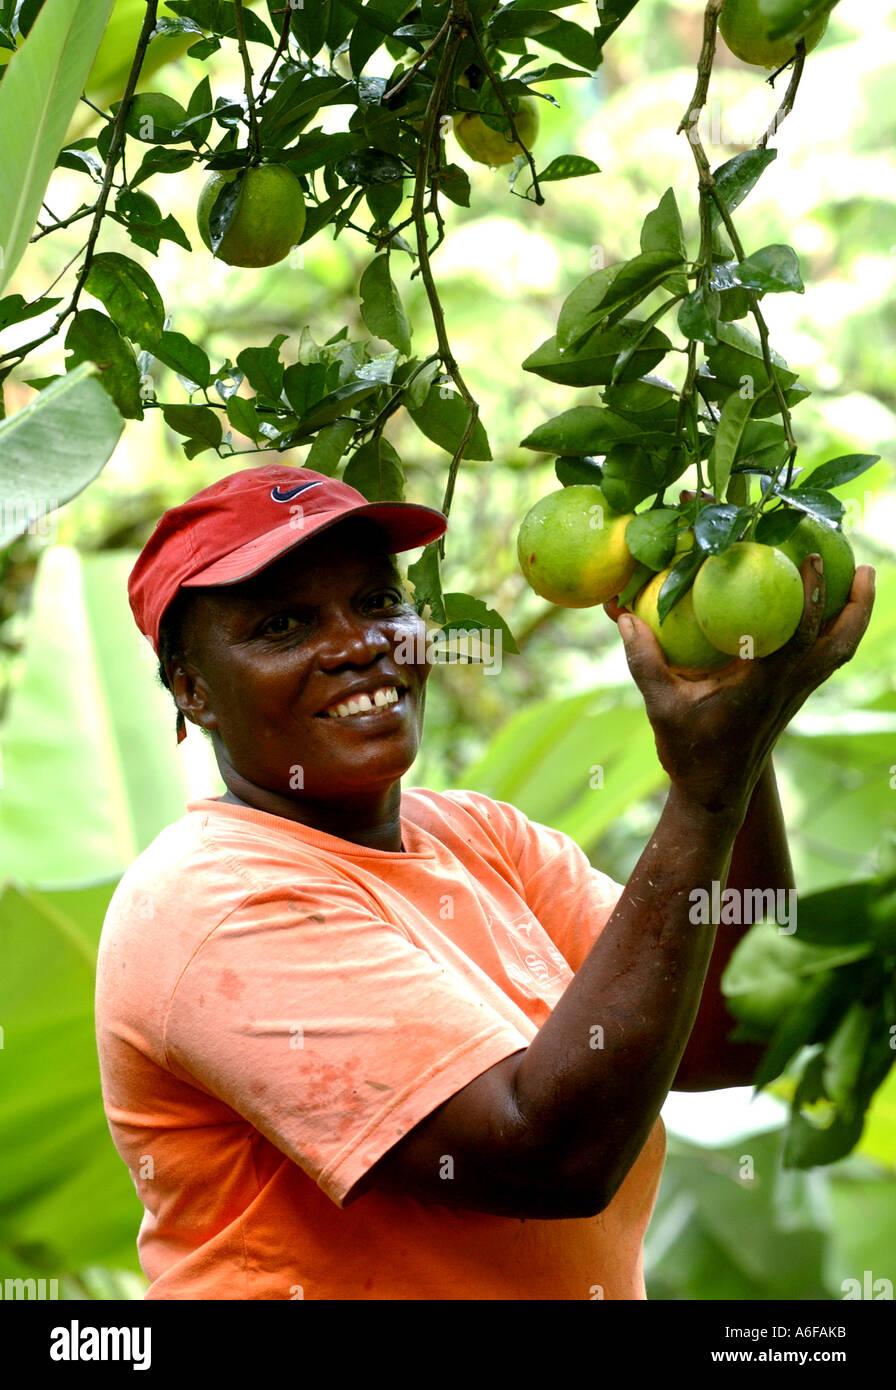 Fairtrade banana agricoltore, Jocelyn tromba, cresce arance come coltura alternativa per le banane Immagini Stock